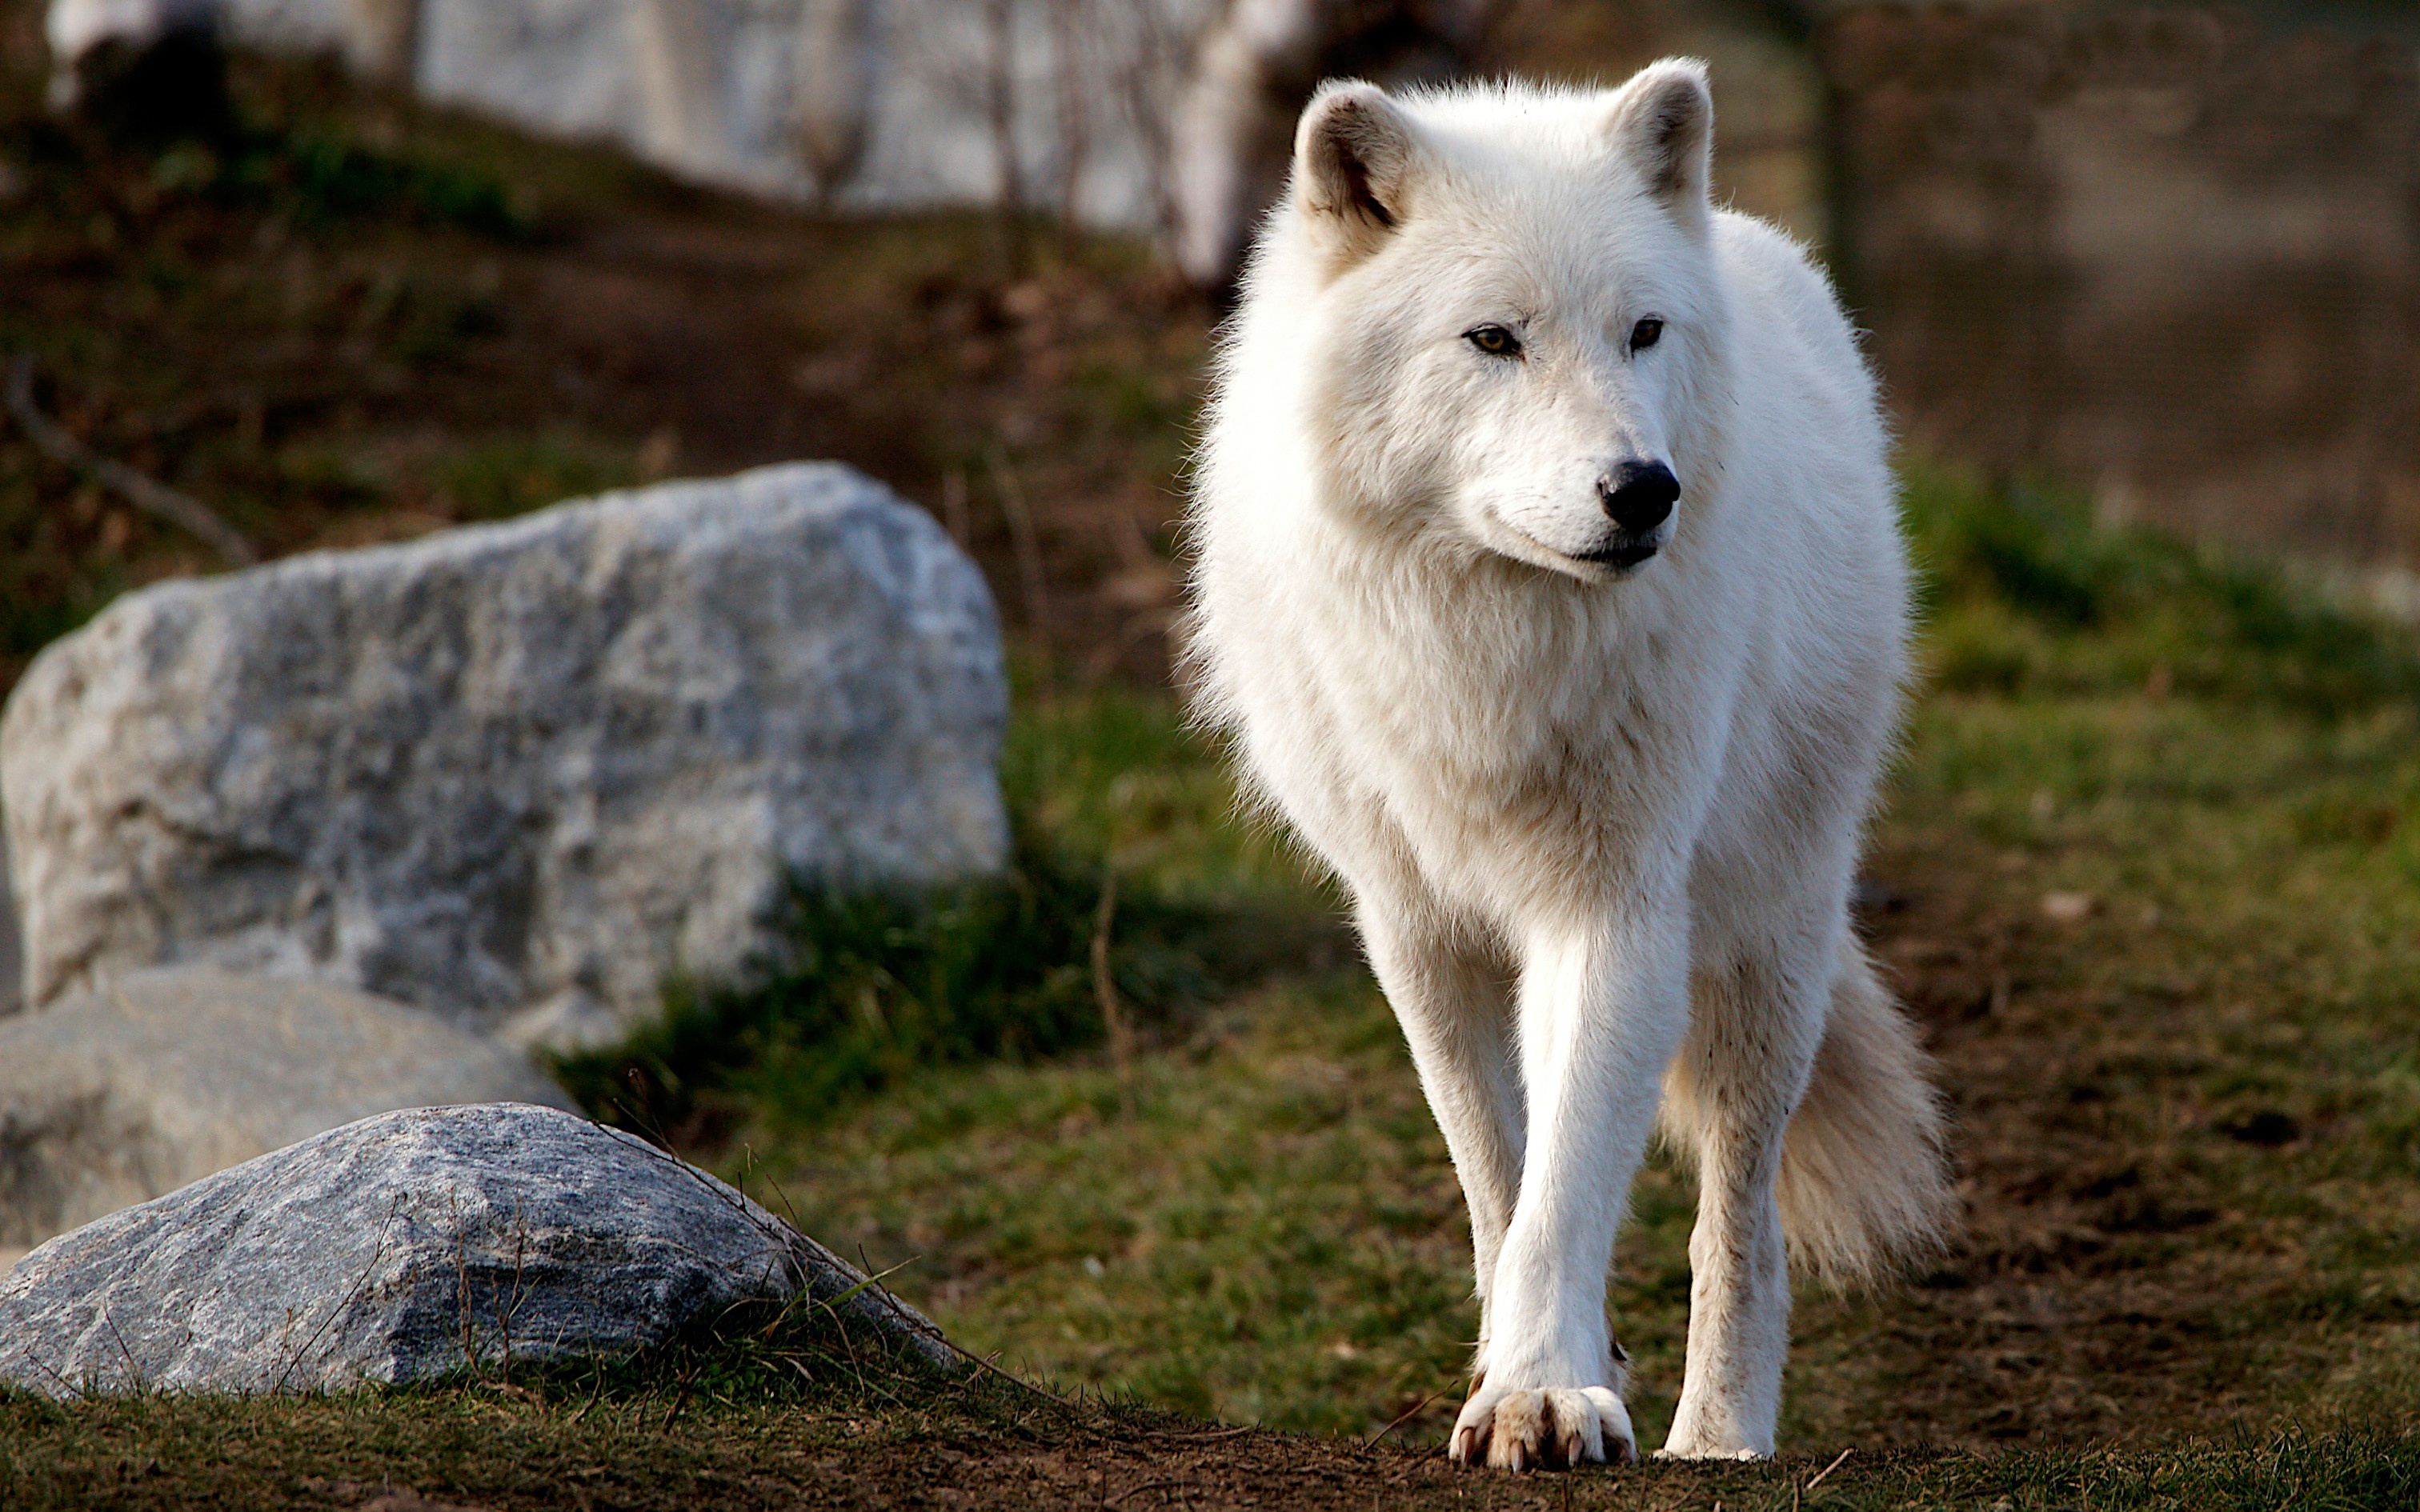 людям было загрузить фото белого волка могут выбирать